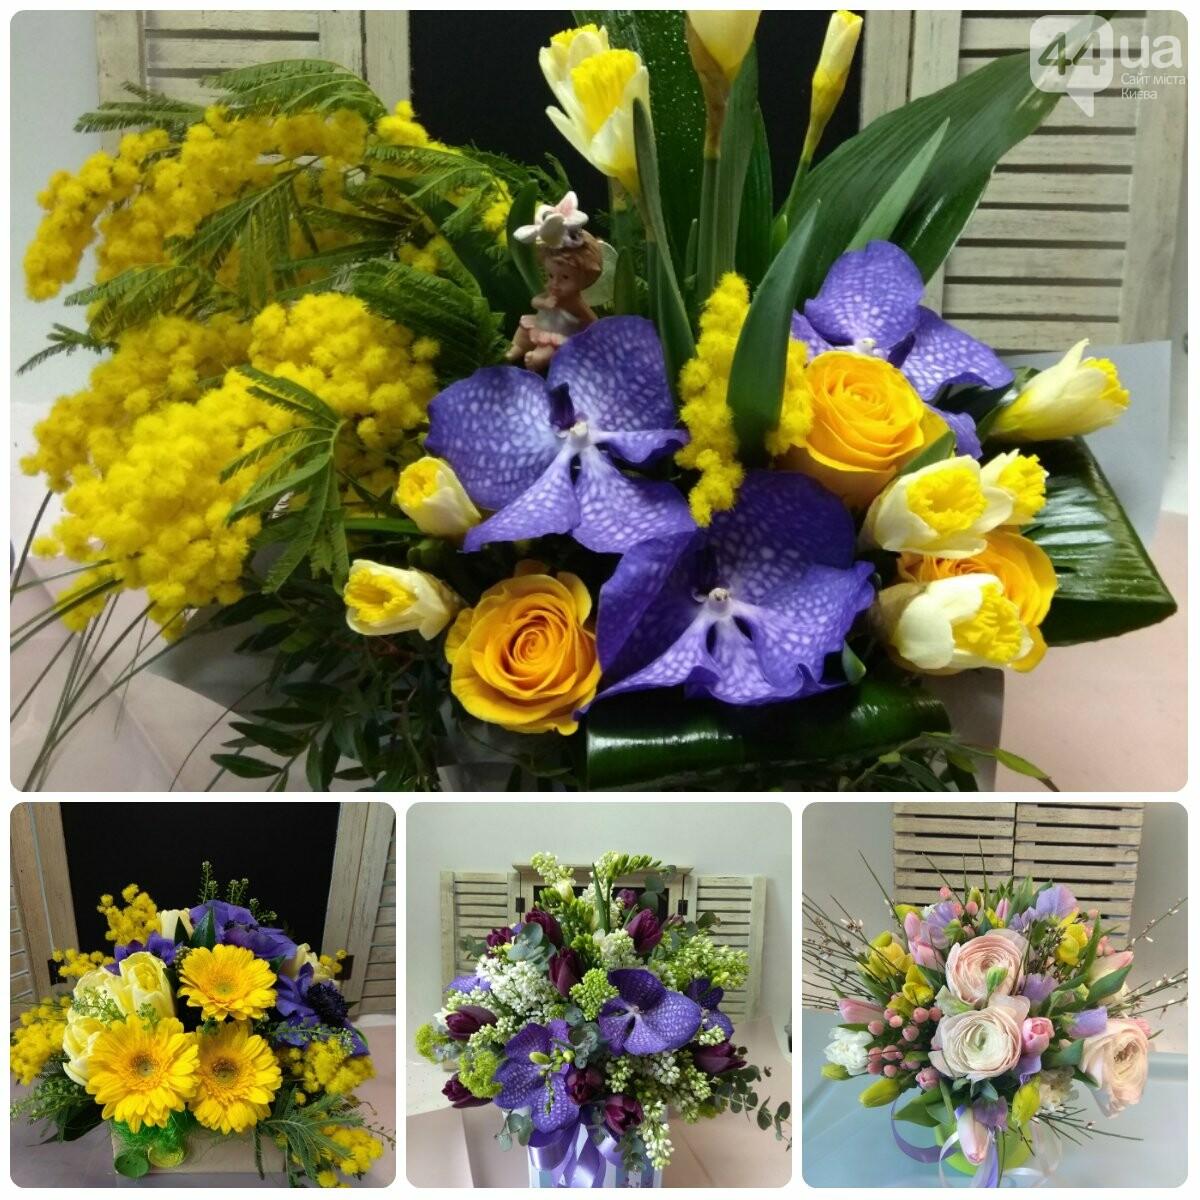 Доставка цветов в Киеве - где заказать?, фото-11